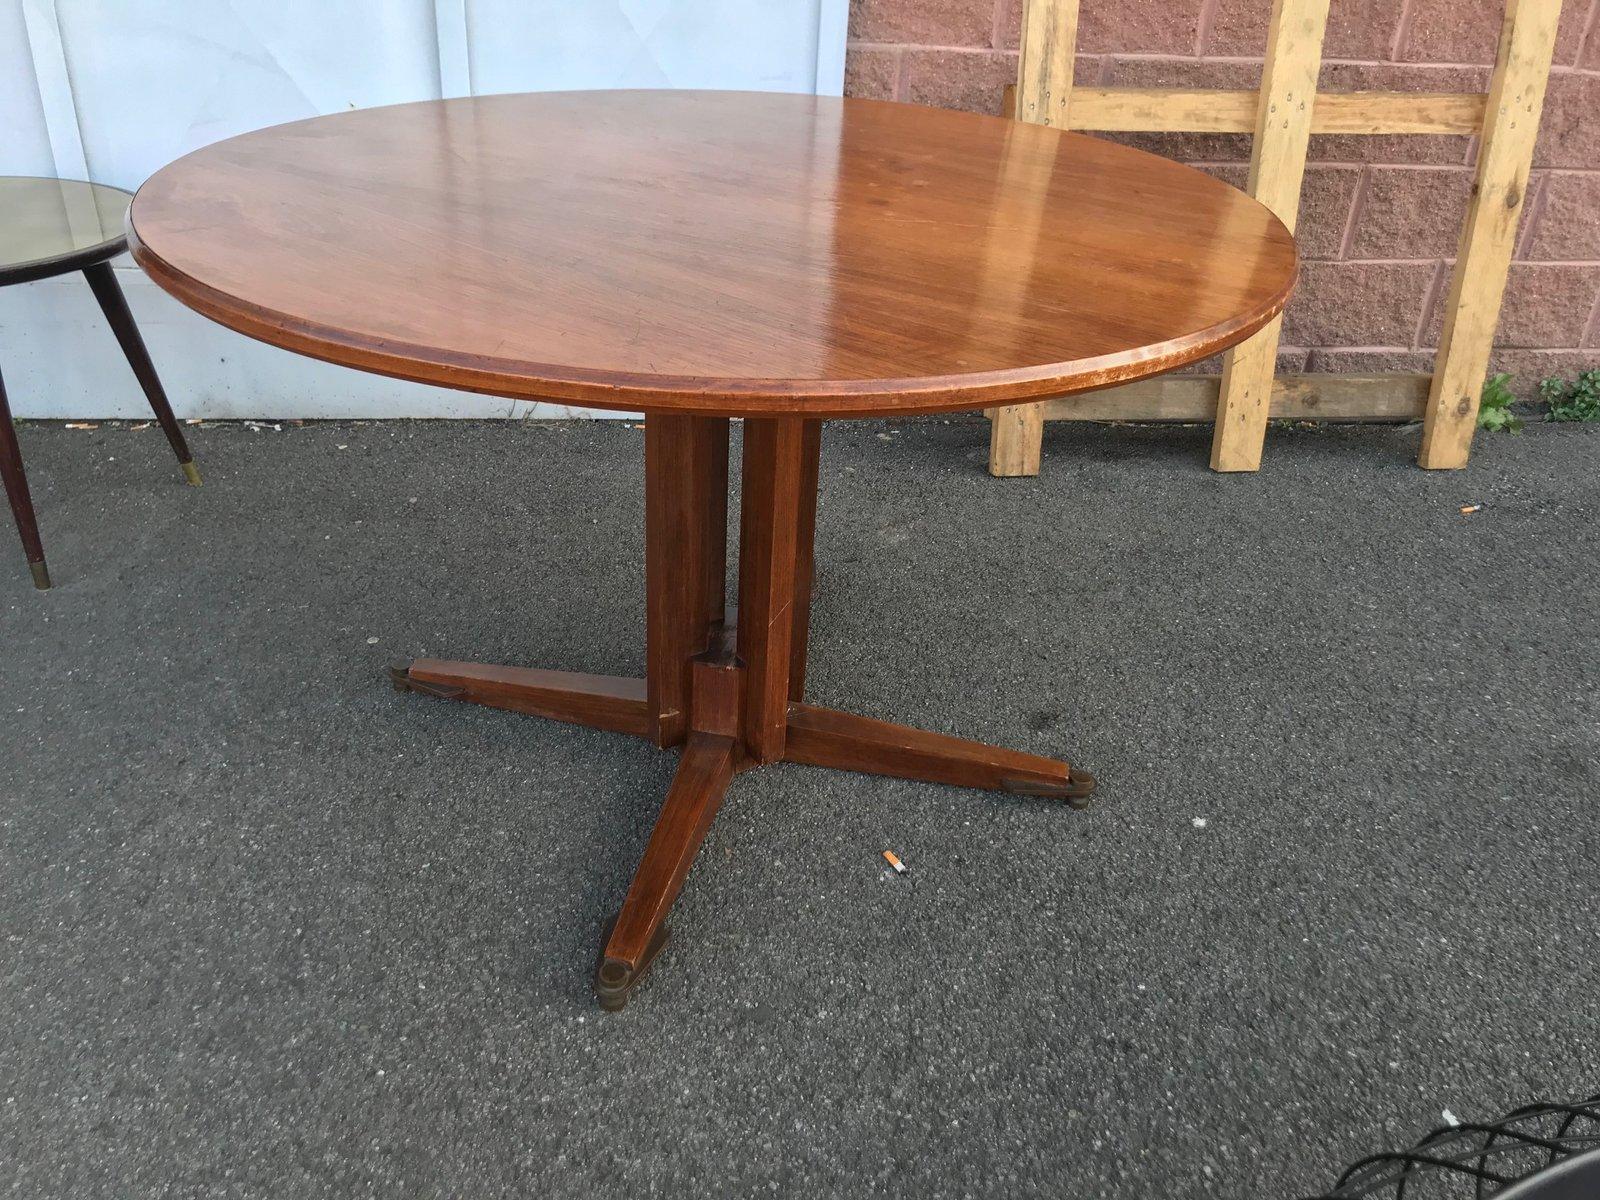 Vintage Holz Esstisch von Guglielmo Ulrich